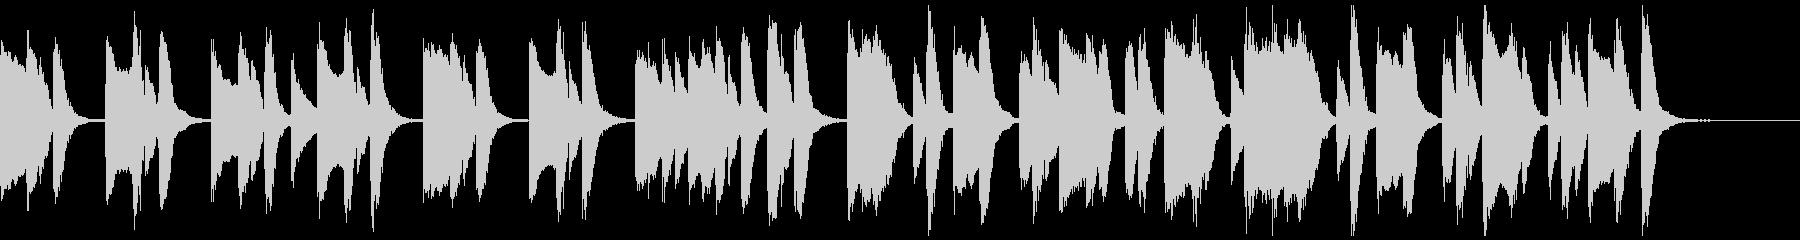 知育・料理・パズル・日常ピアノ15Aの未再生の波形